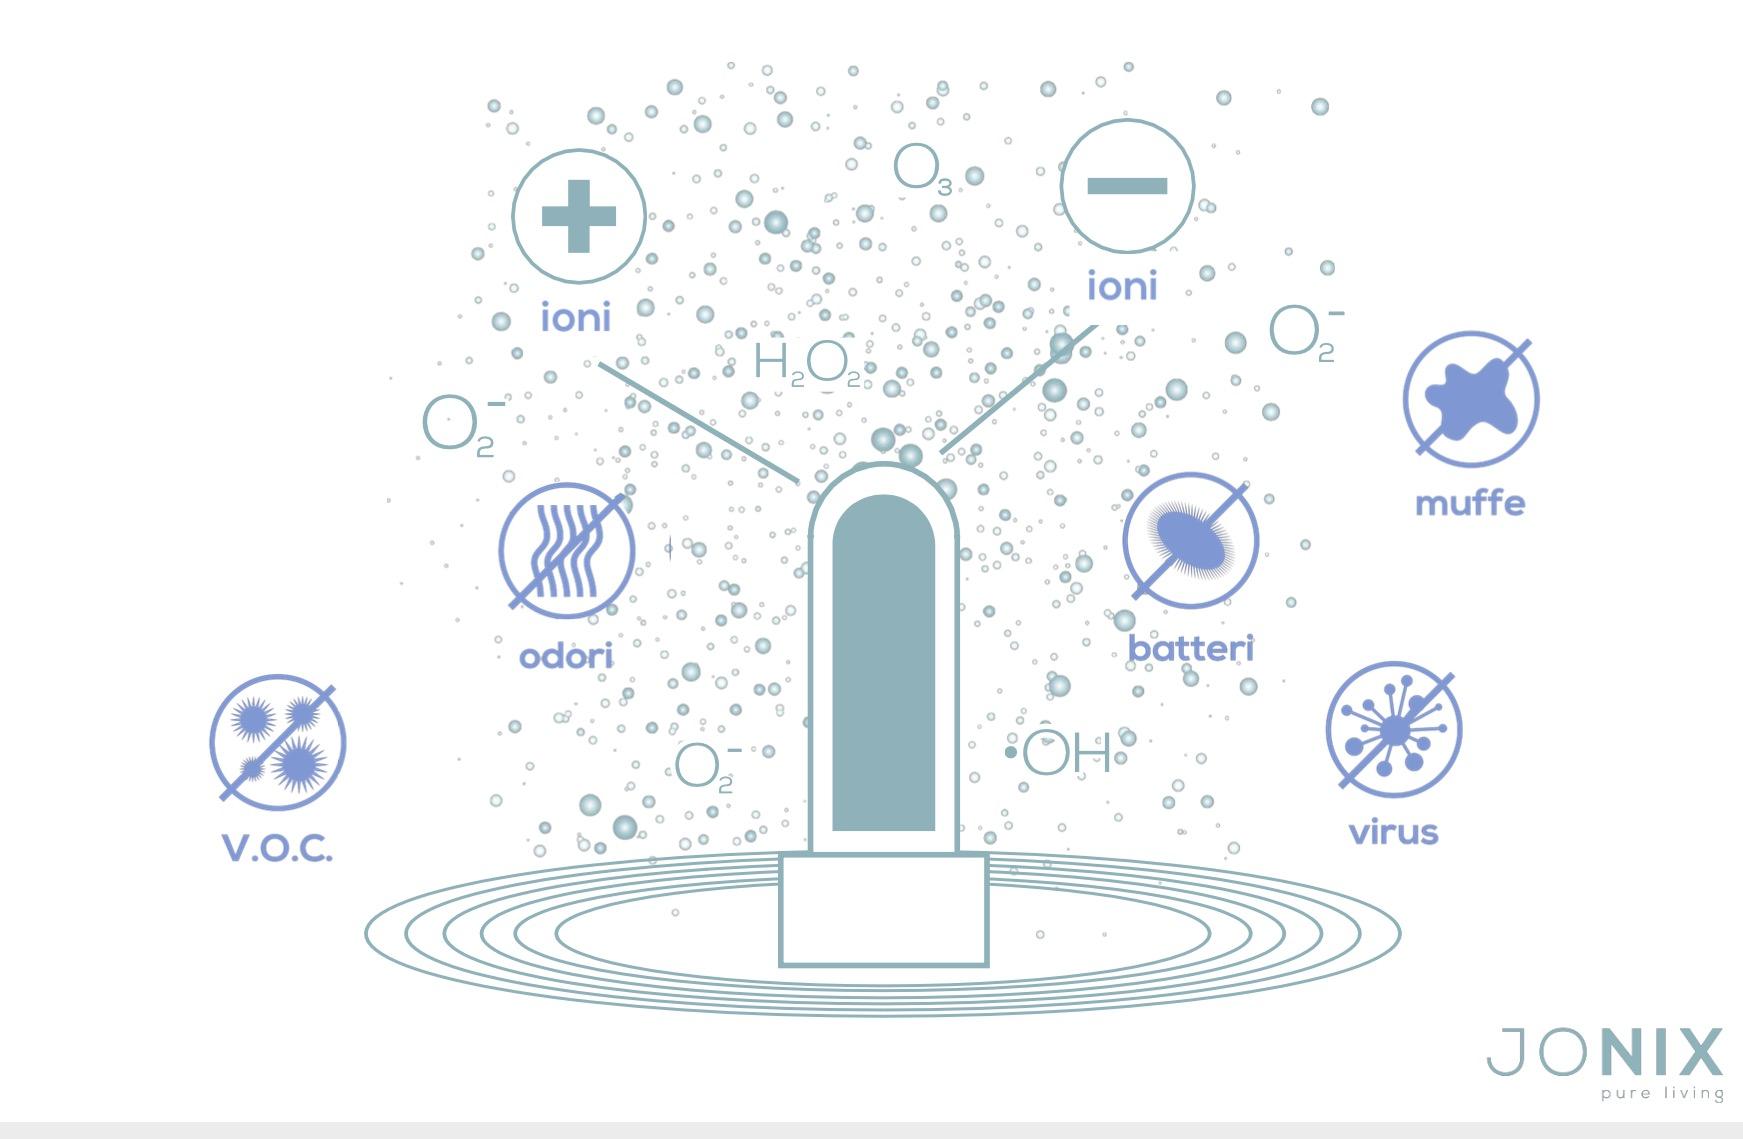 jonix plasma freddo sanificazione aria sanitizzazione